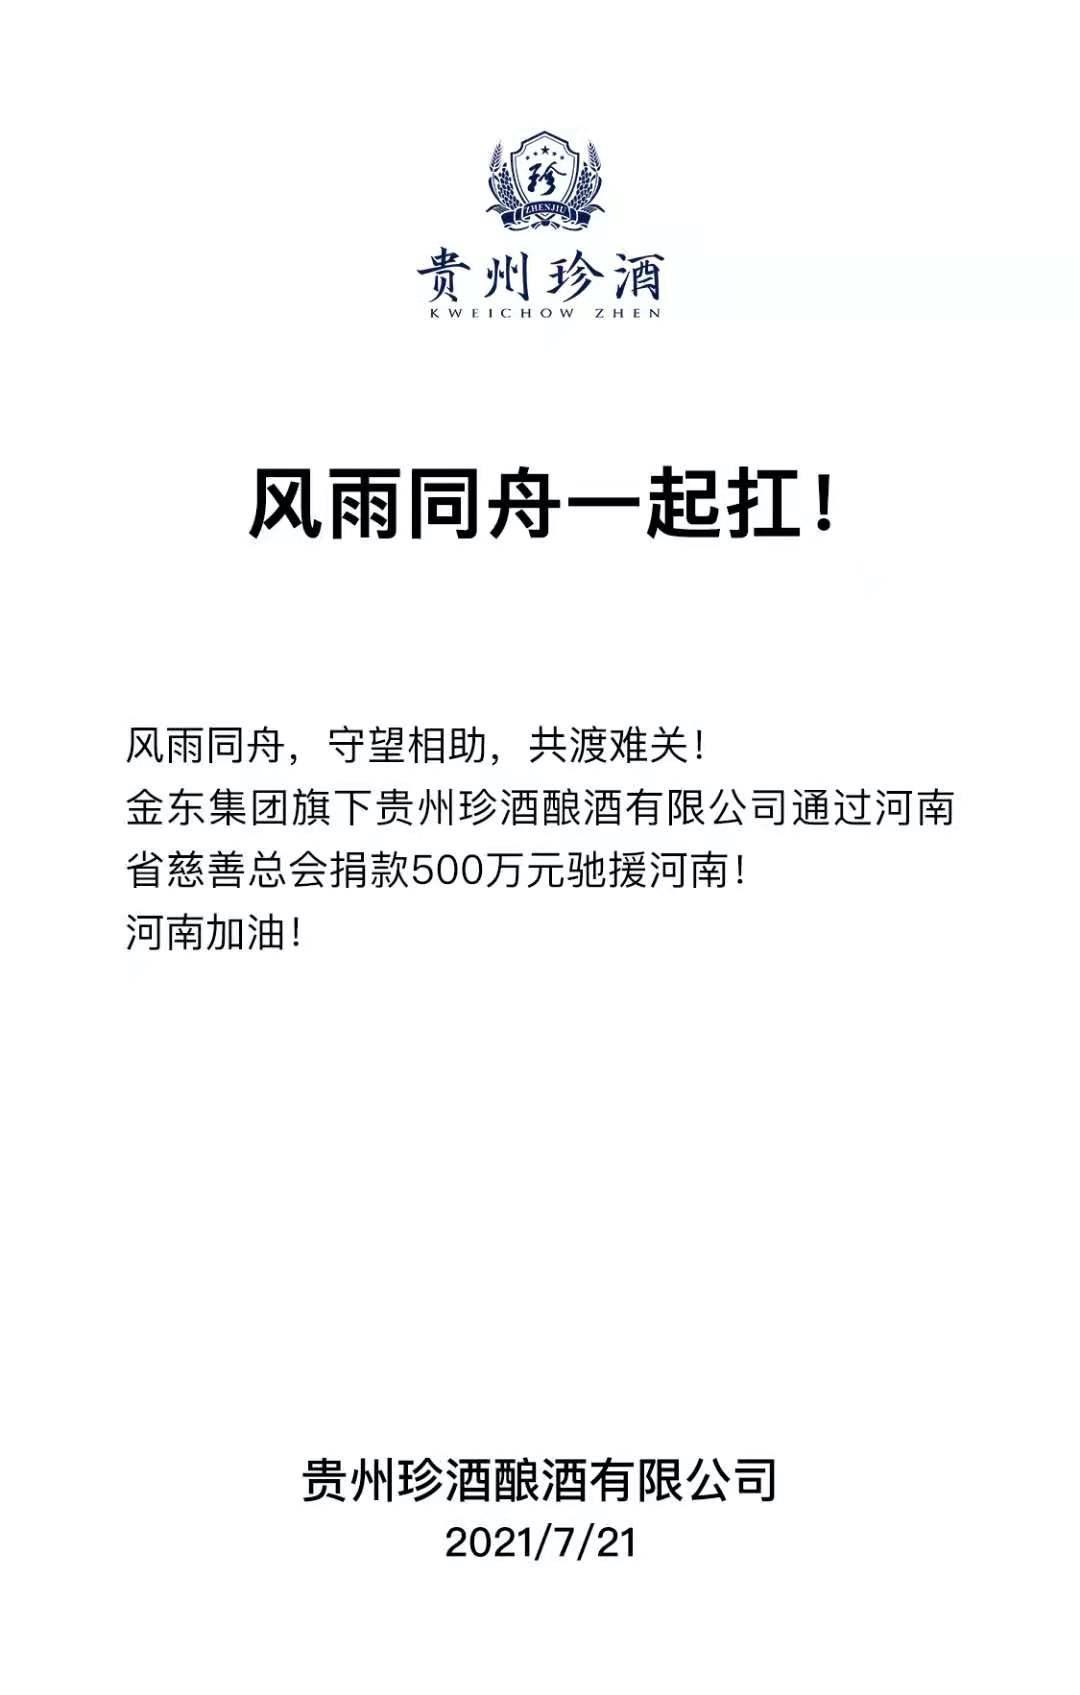 贵州珍酒捐款500万元驰援河南